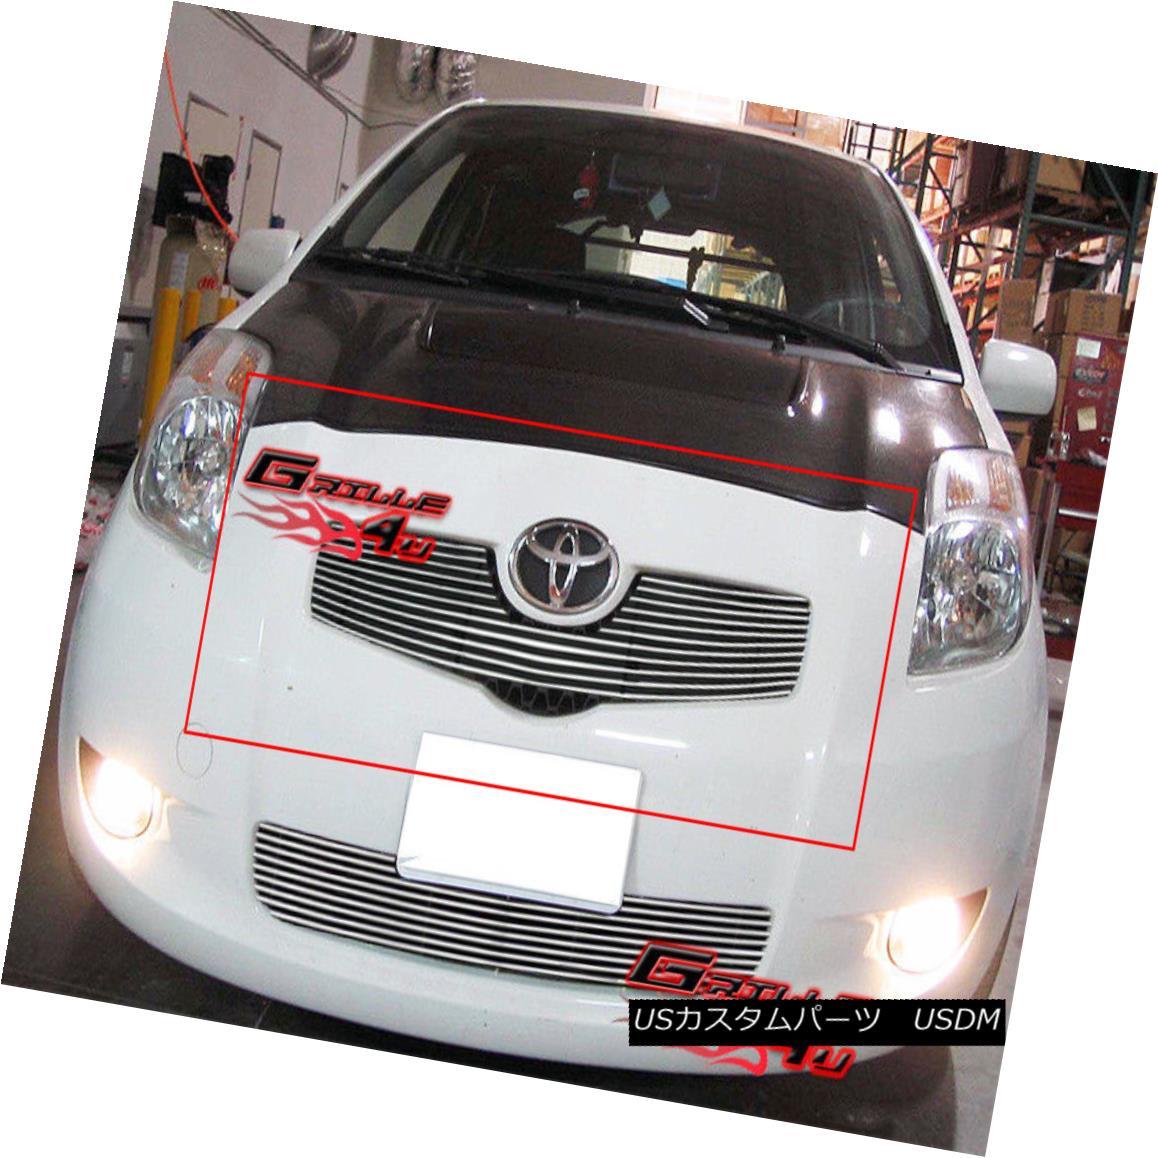 グリル Fits 2006-2008 Toyota Yaris Hatchback Main Upper Billet Grille Insert フィニッシュ2006-2008トヨタヤリスハッチバックメインアッパービレットグリルインサート